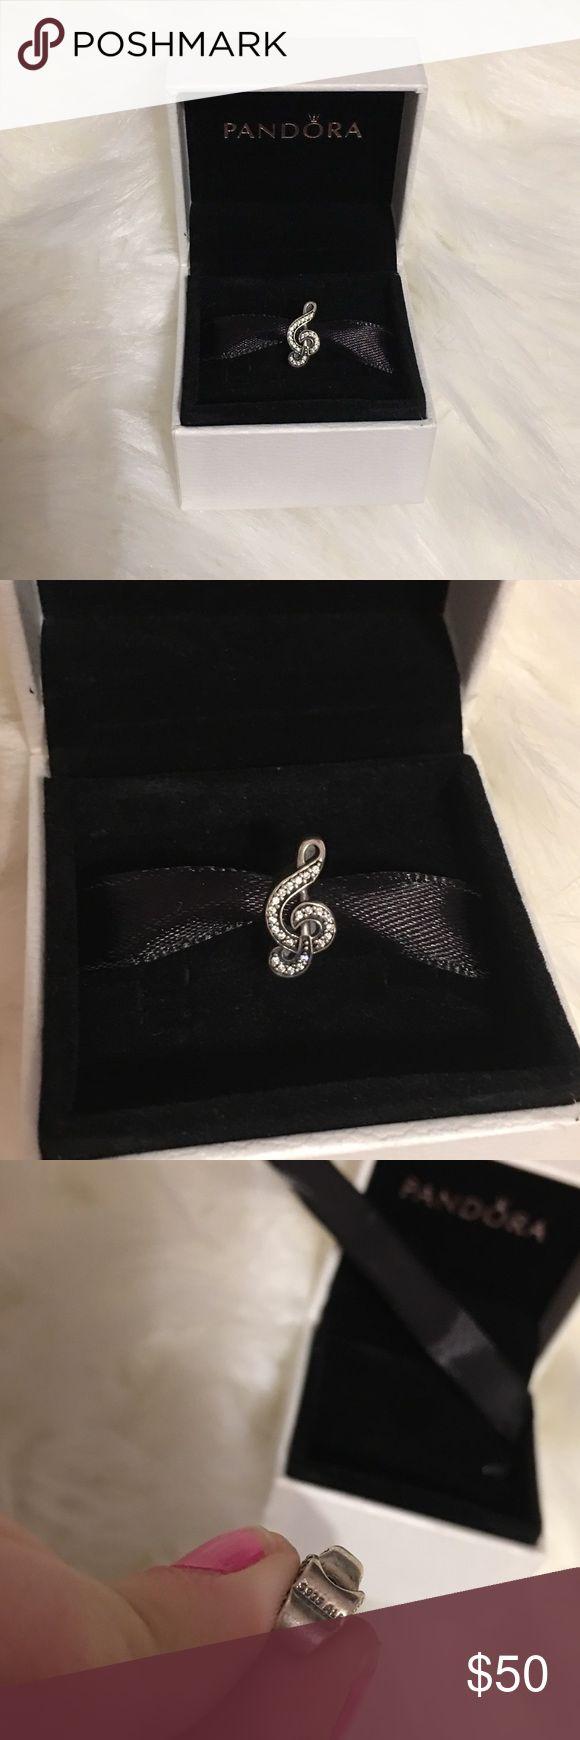 Treble Clef Music Pandora Bead Brand new in box. Has pandora markings Pandora Jewelry